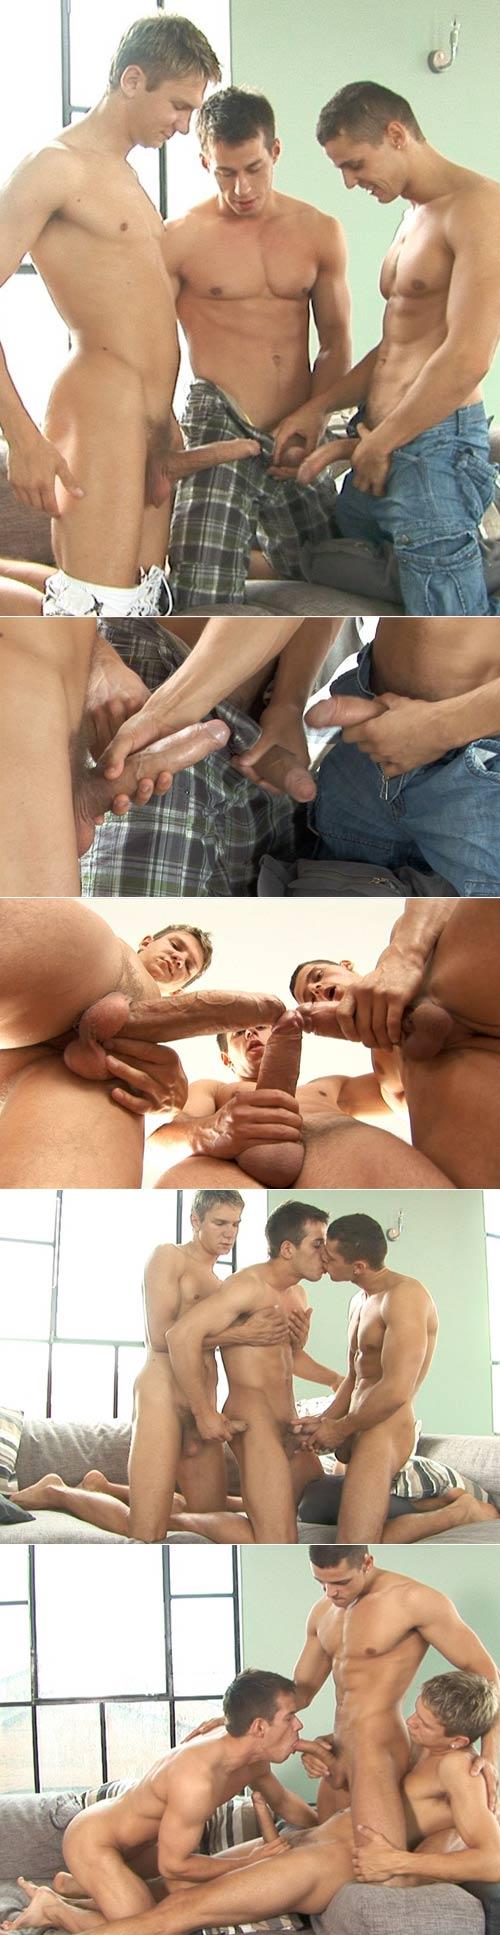 Manuel, Trevor and Henri at BelamiOnline